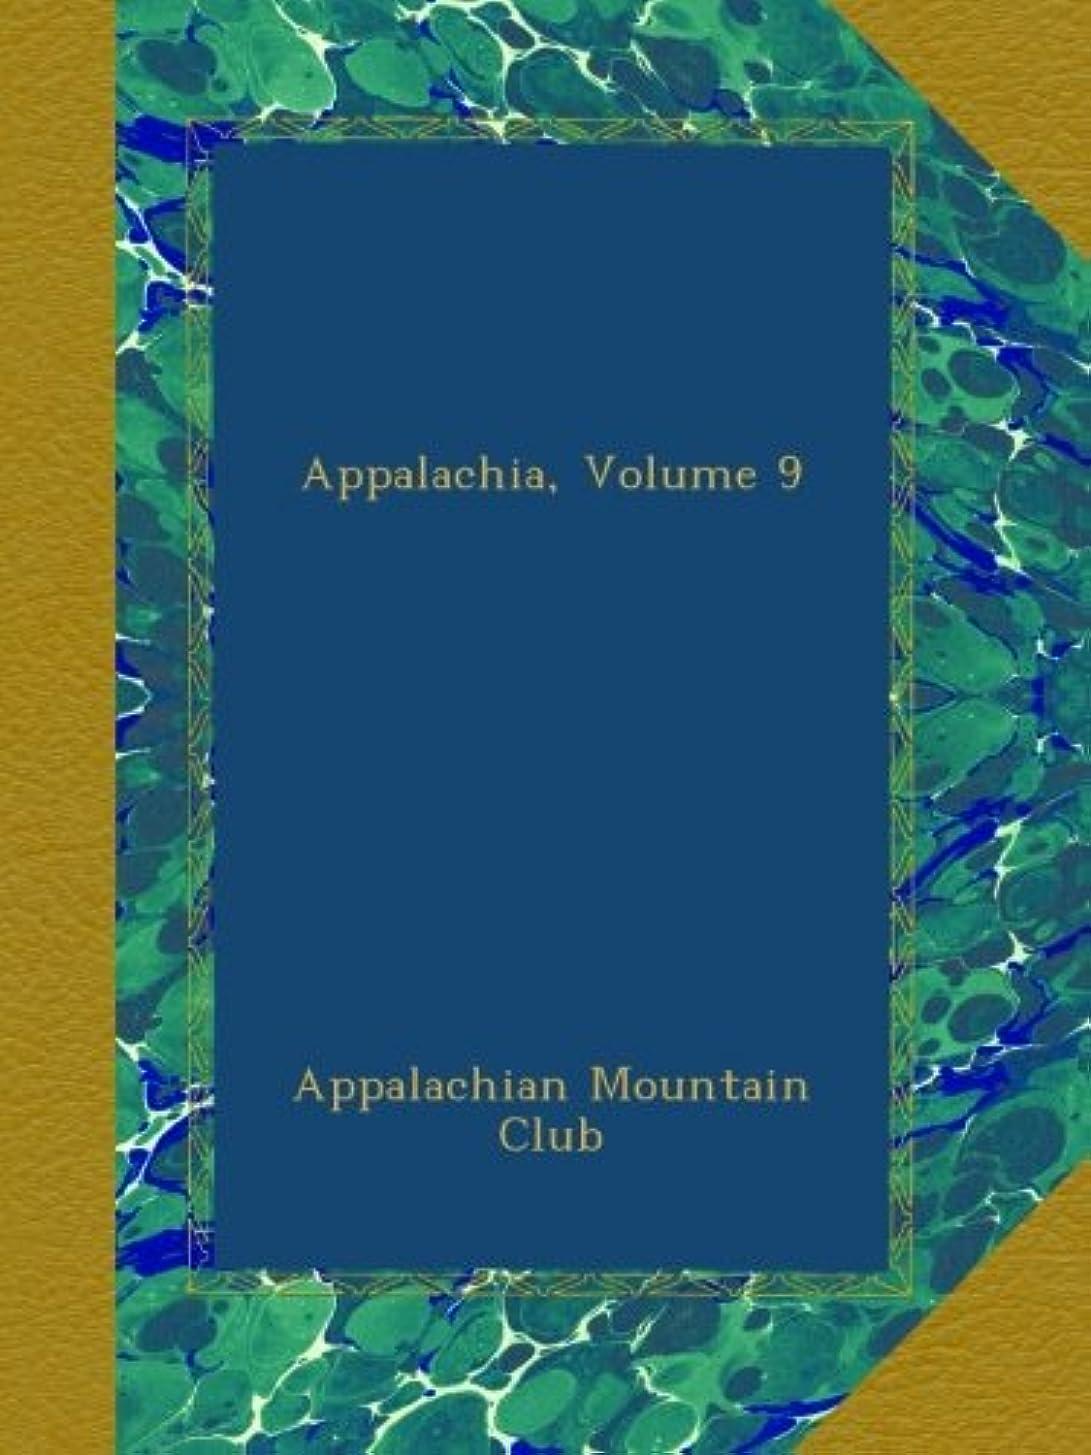 ペナルティファントムマリンAppalachia, Volume 9